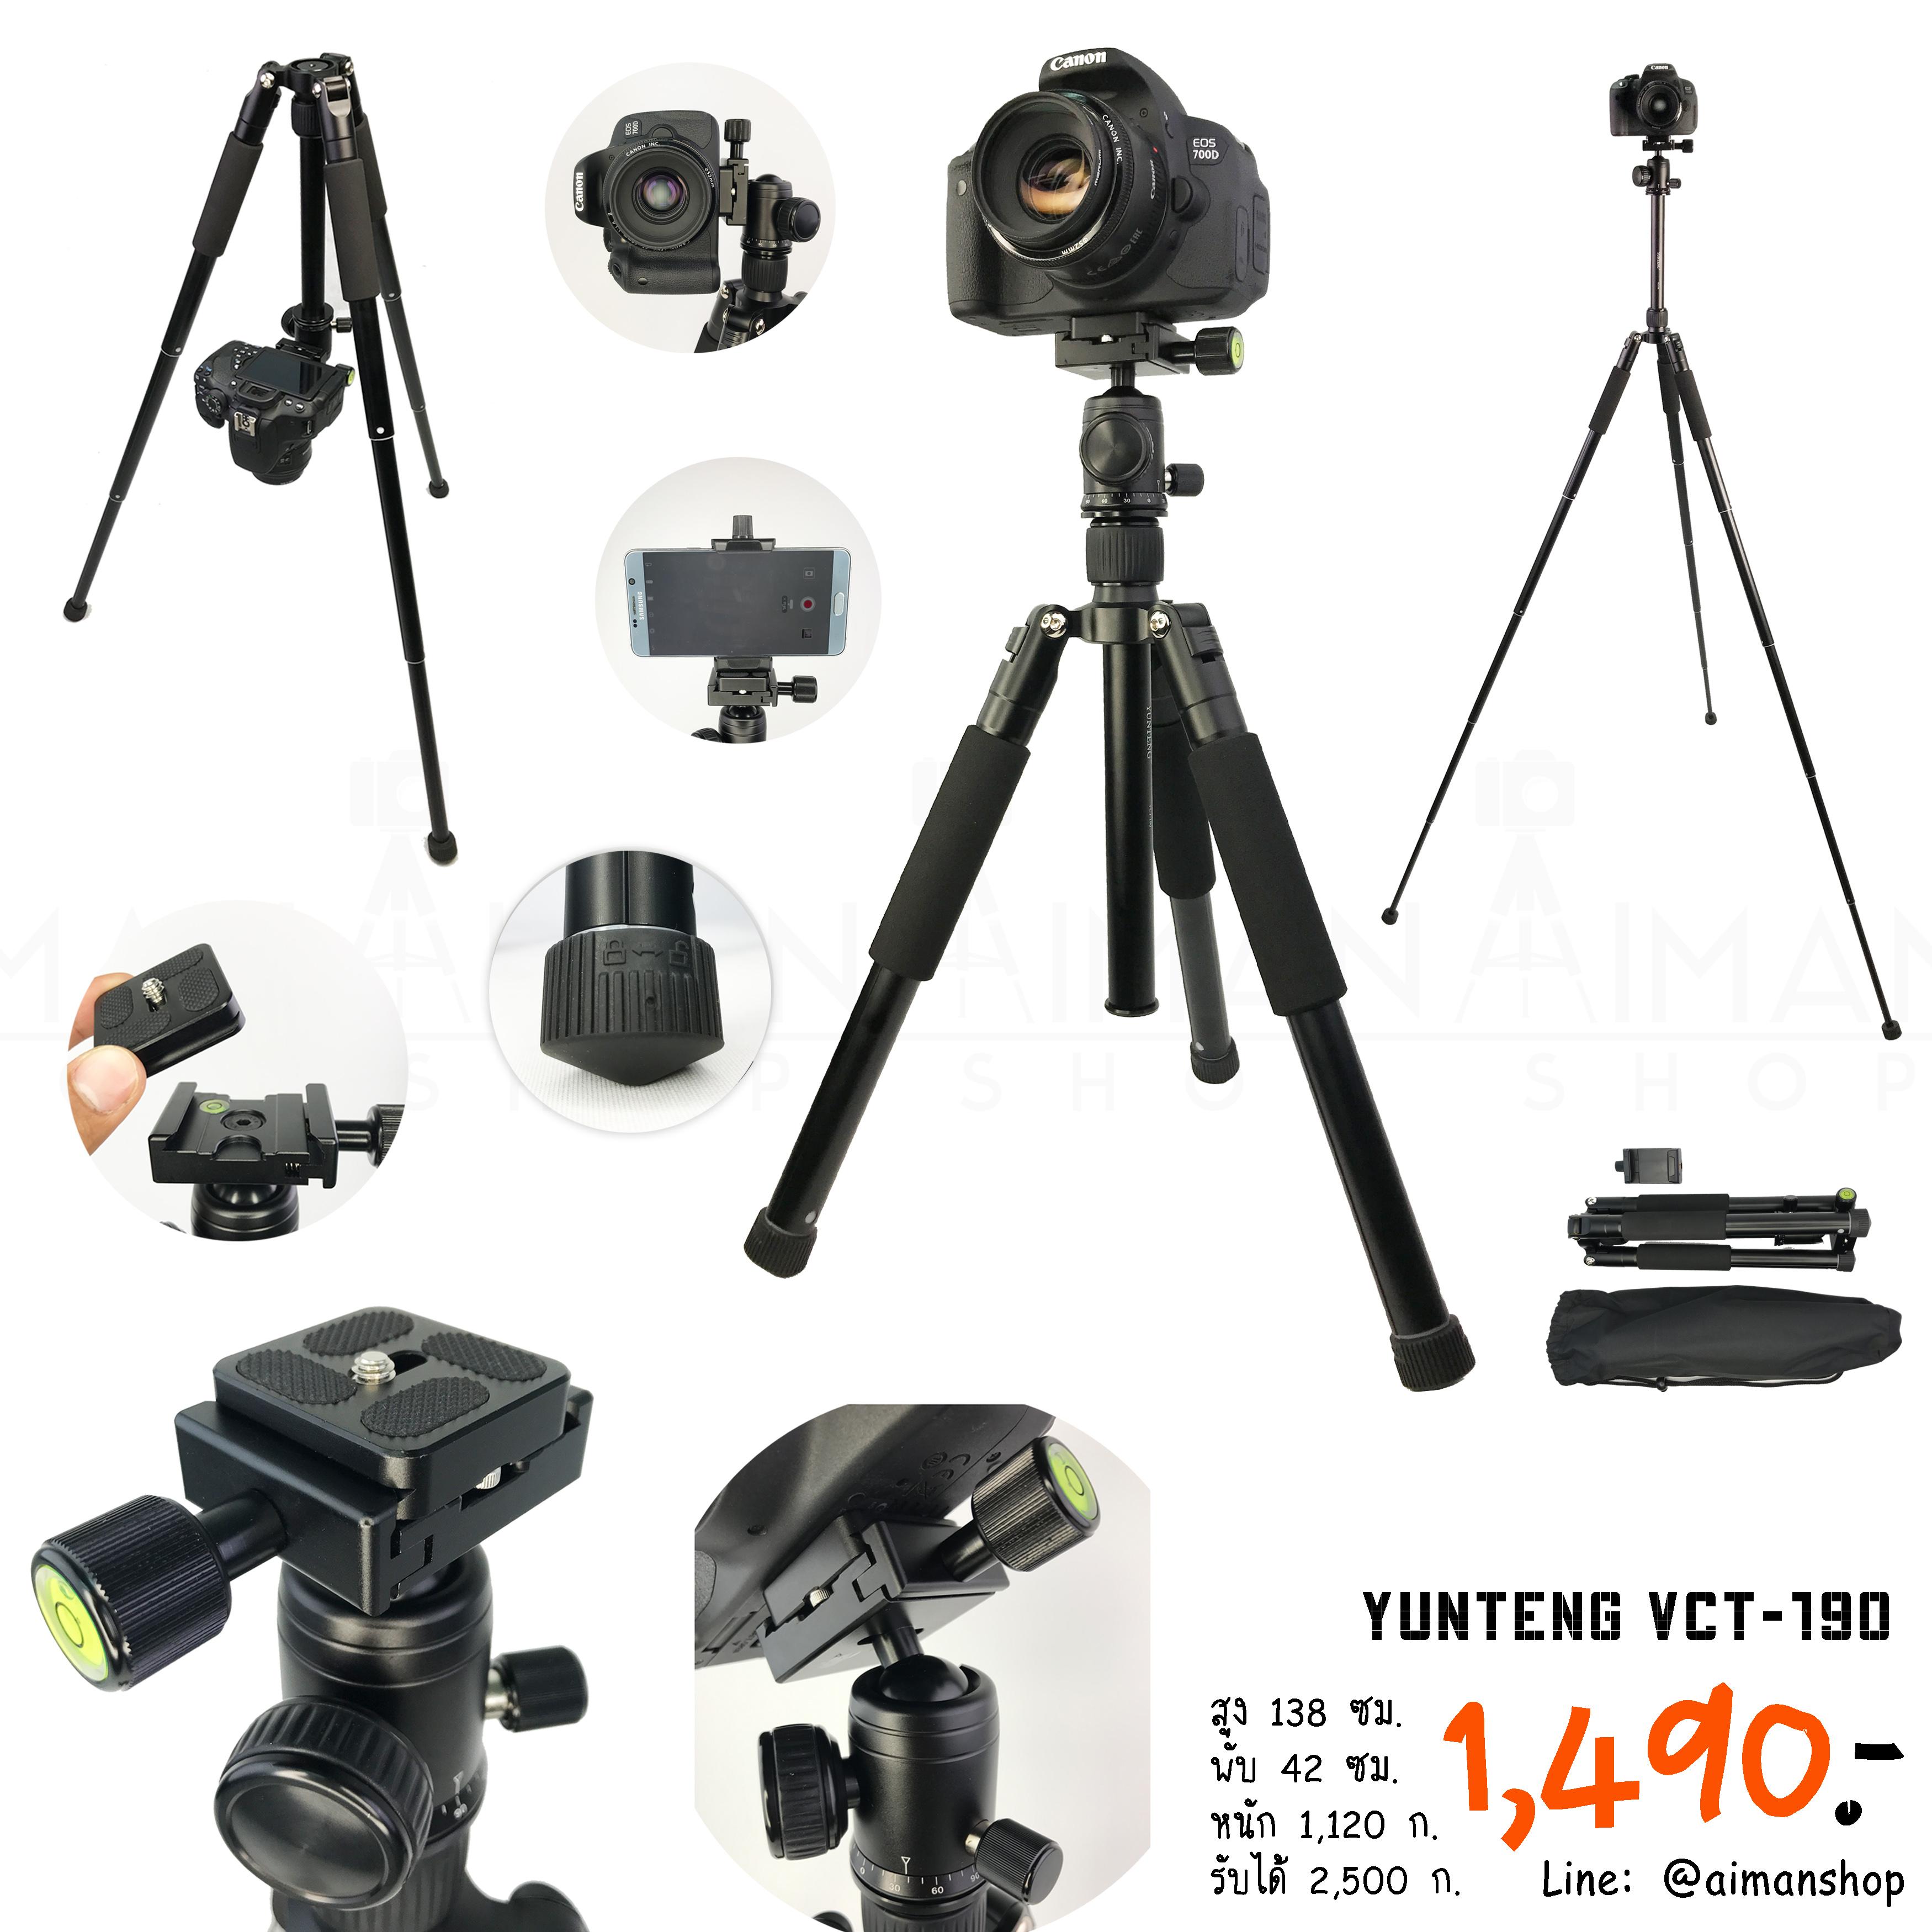 ขาตั้งกล้องหัวบอล Yunteng VCT-190